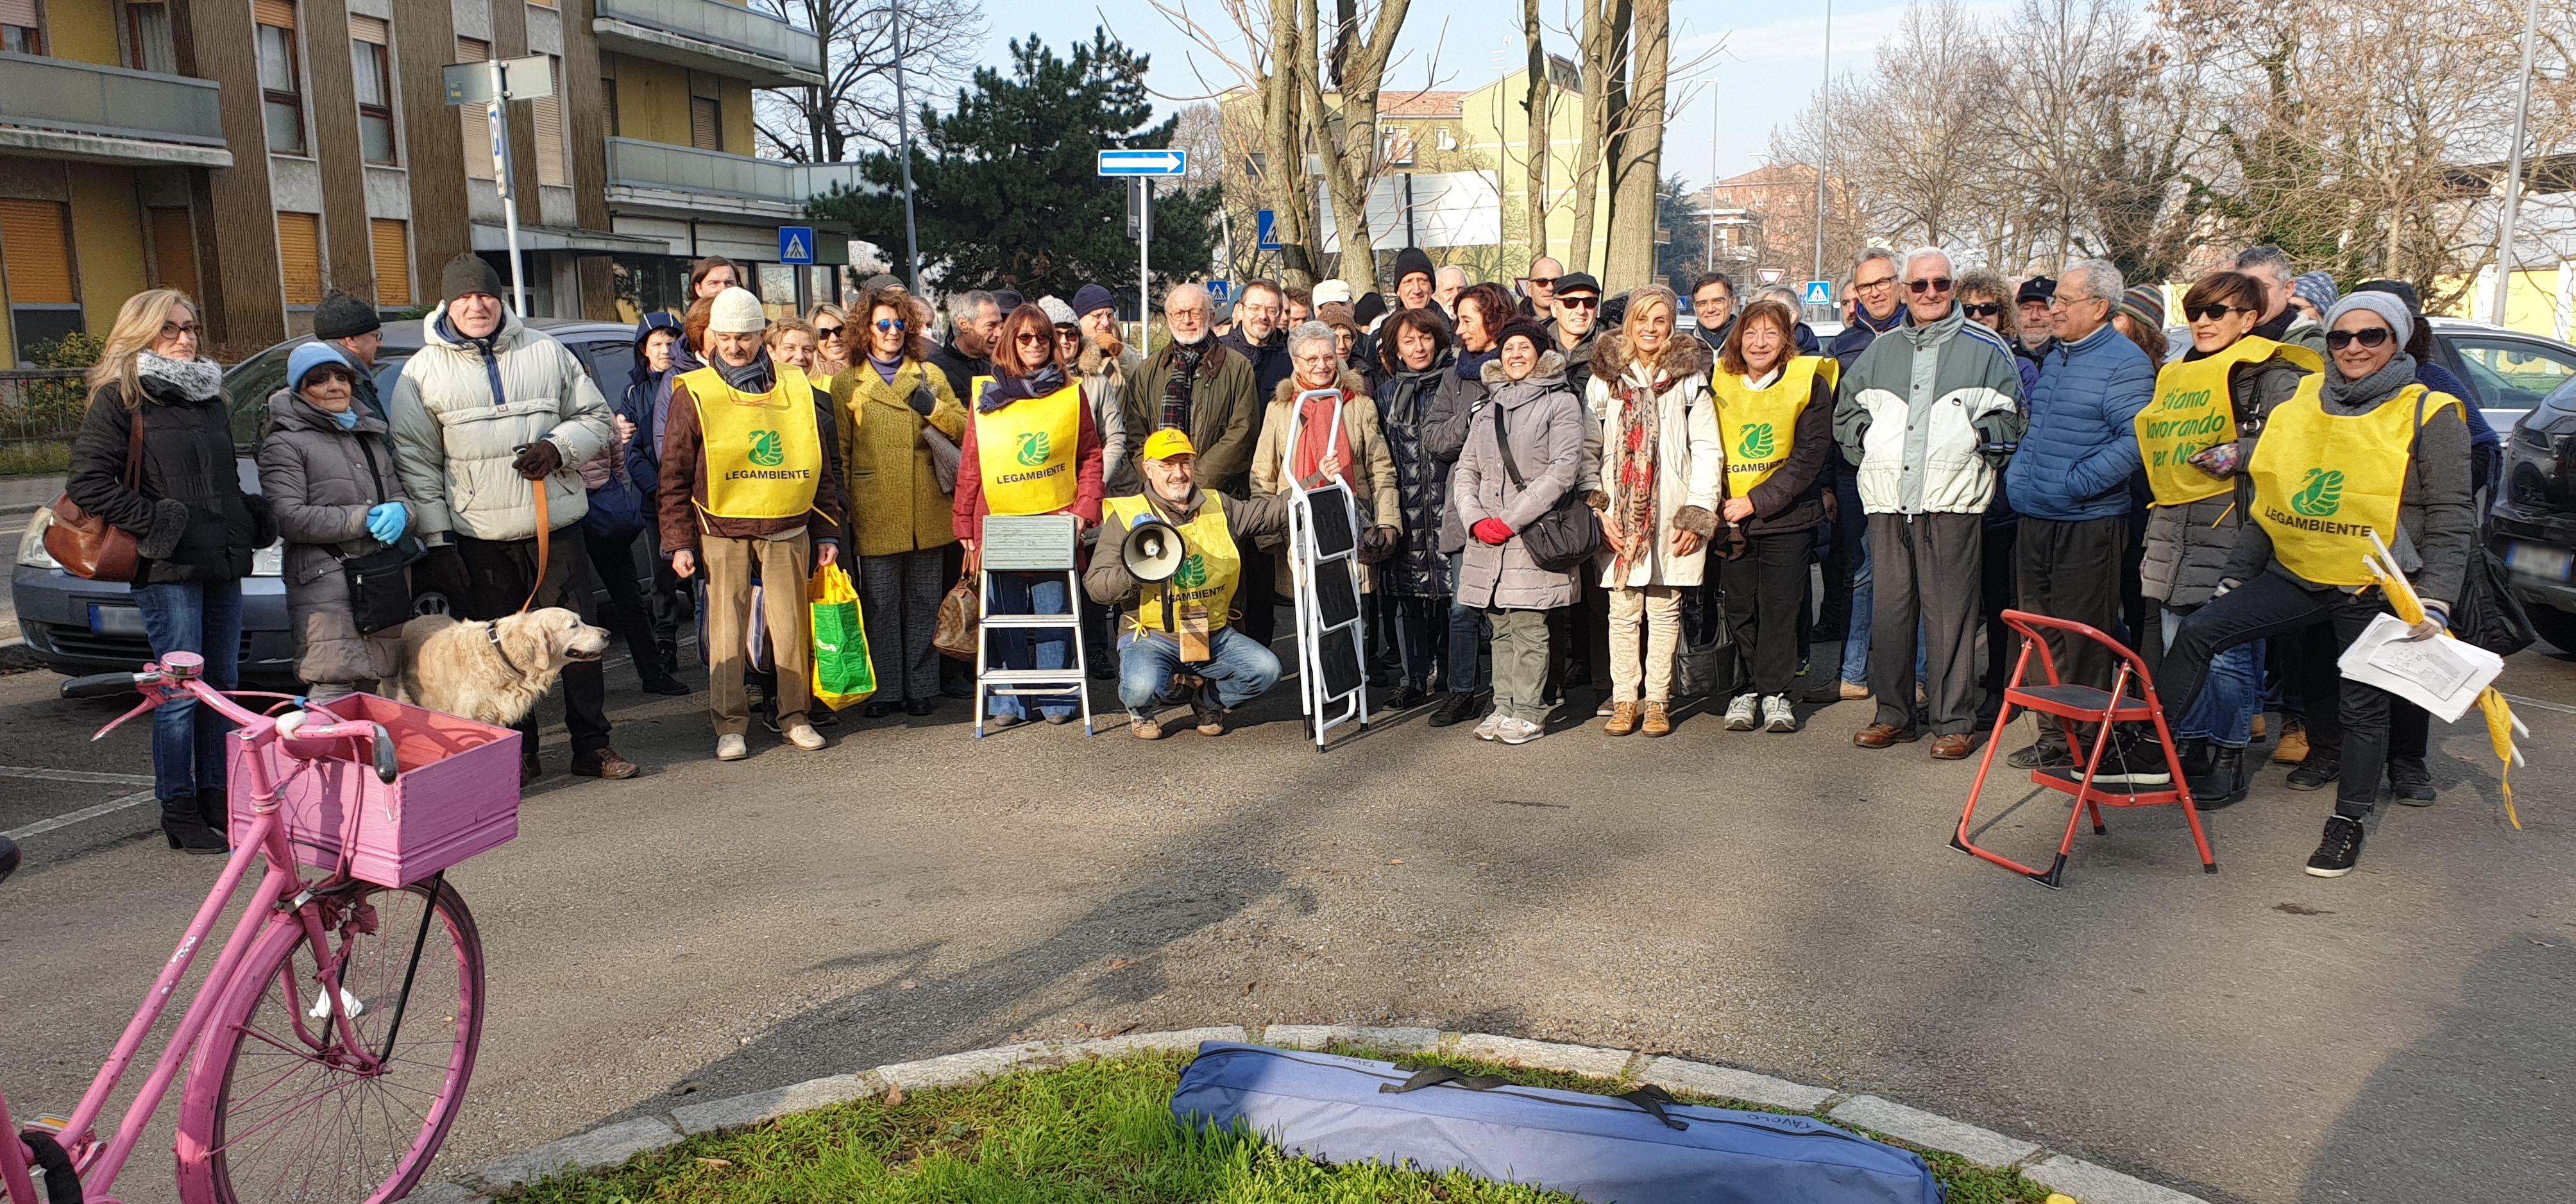 """Realizzare Prato Su Cemento basta cemento"""", la petizione supera le duemila firme. e"""